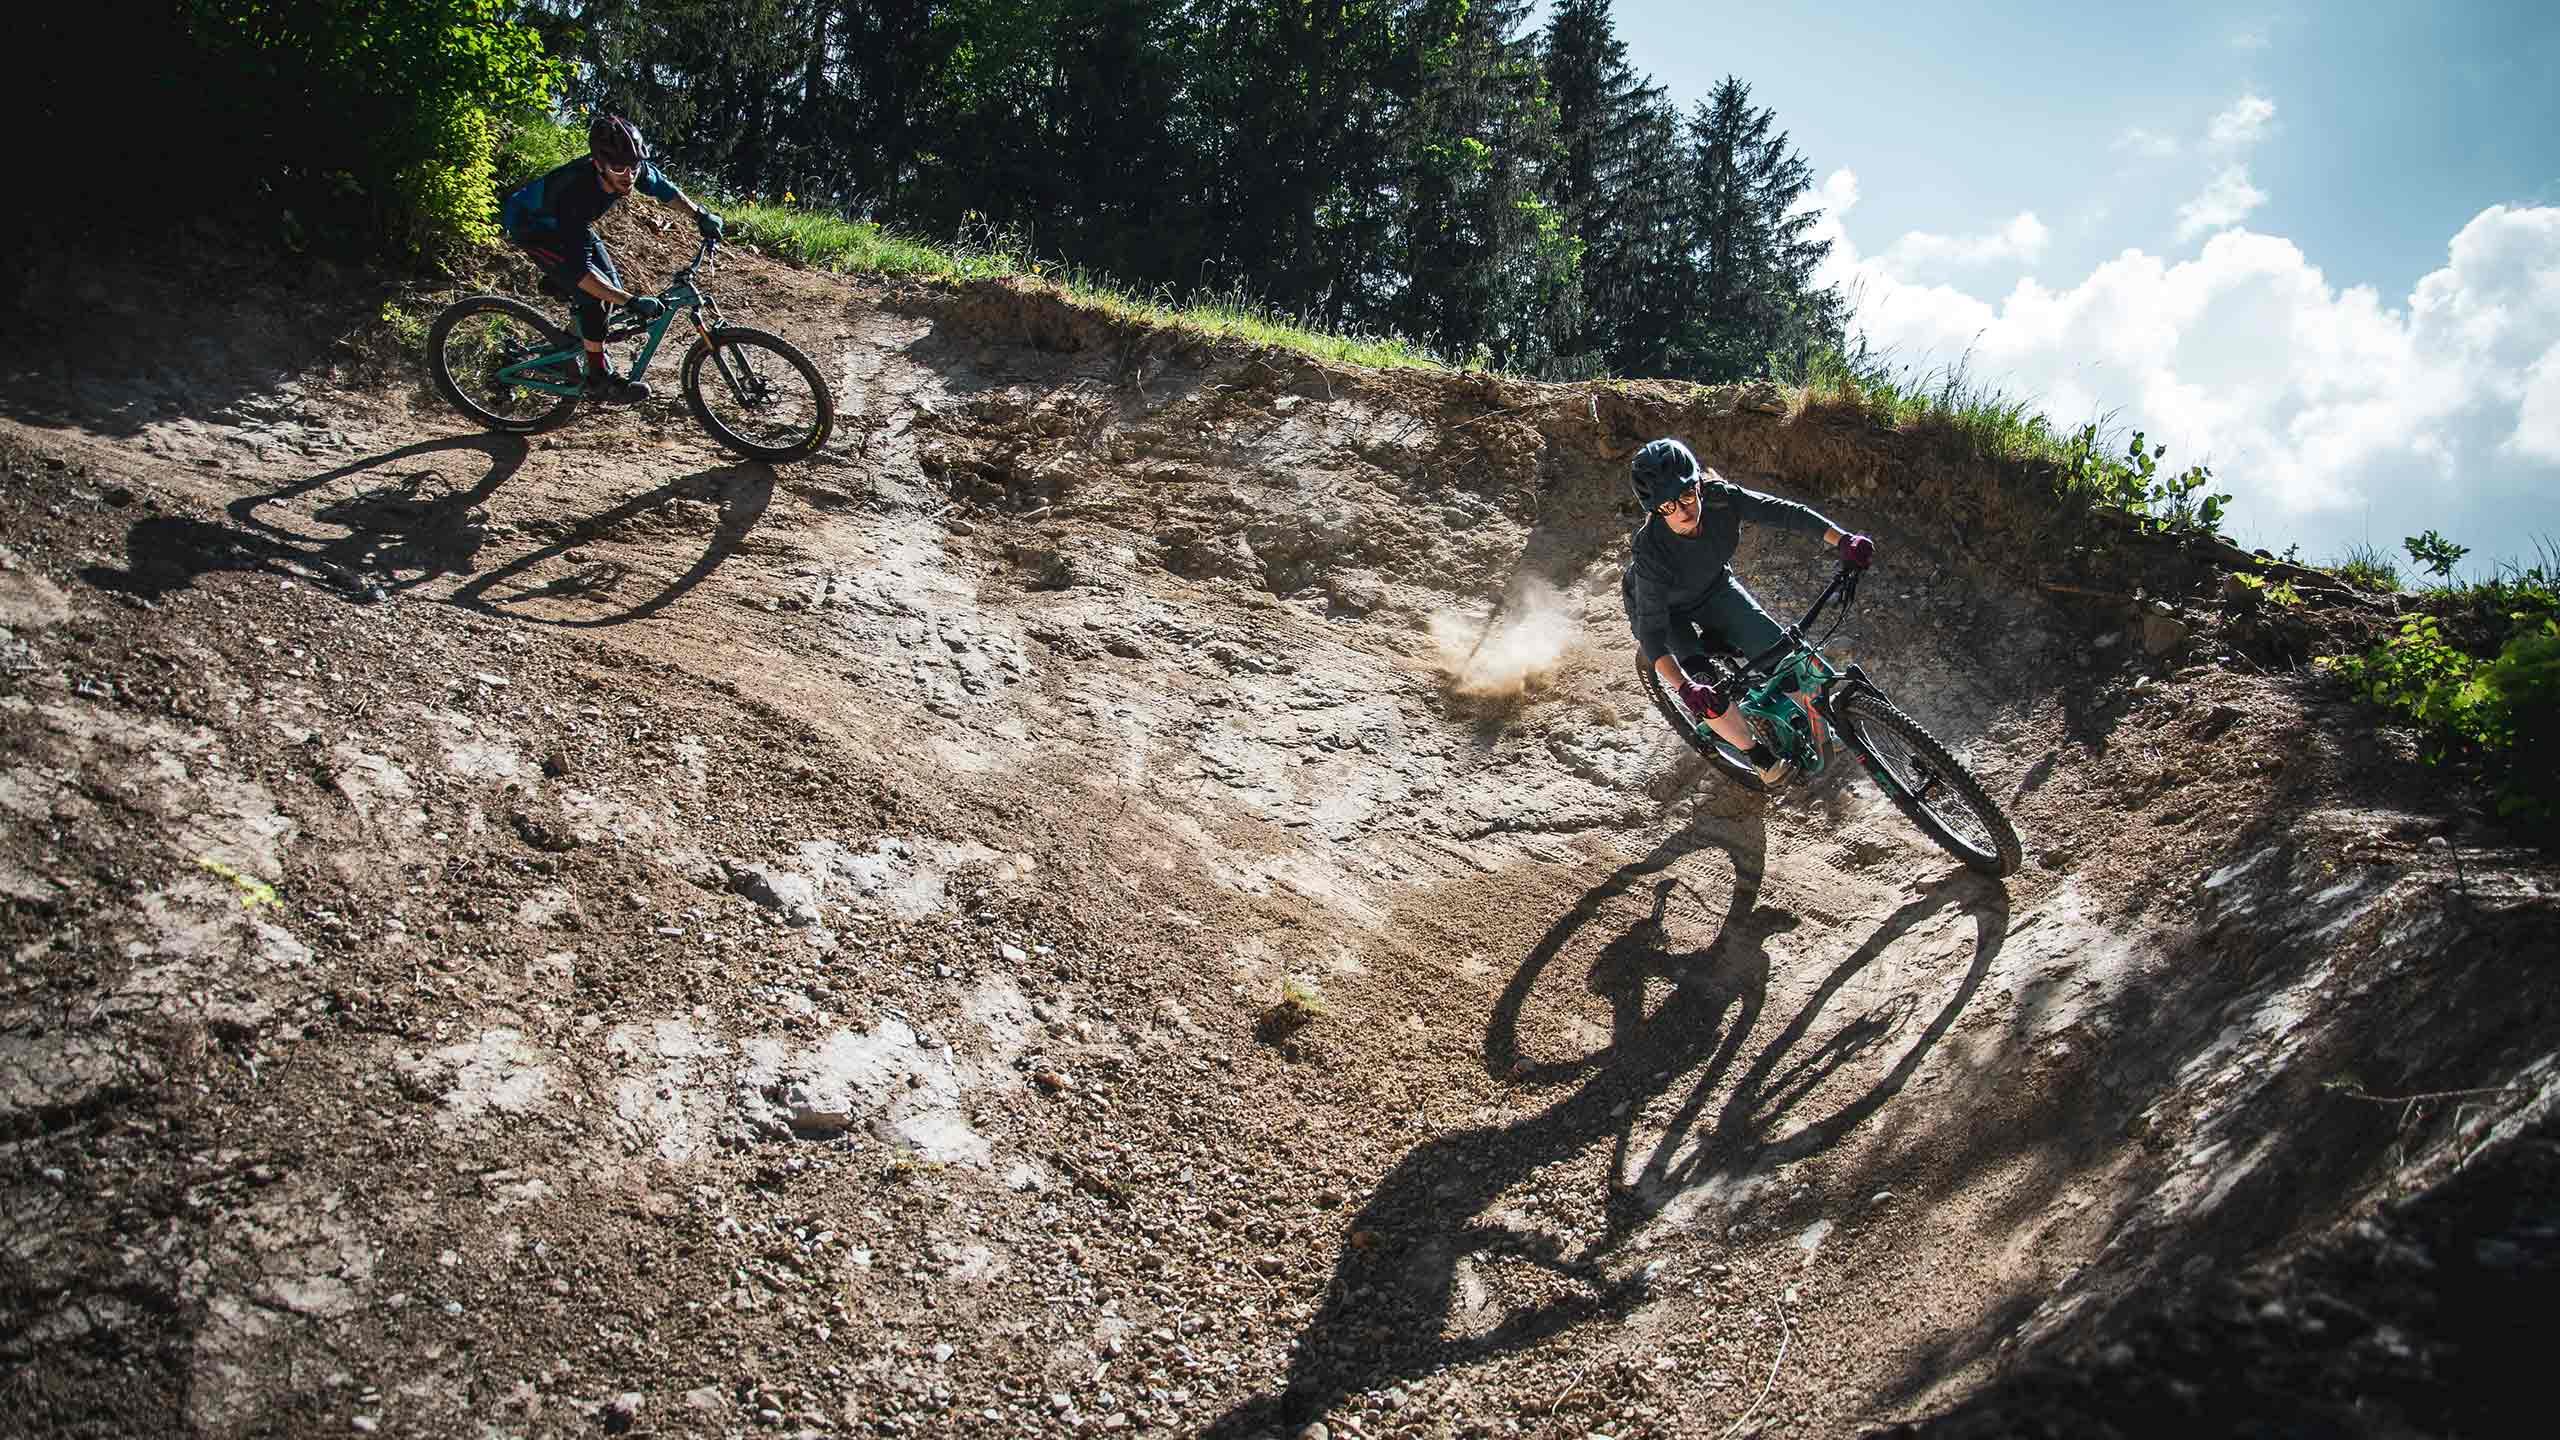 downhill-bikepark-wiriehorn-steilwandkurve-mit-bikern.jpg